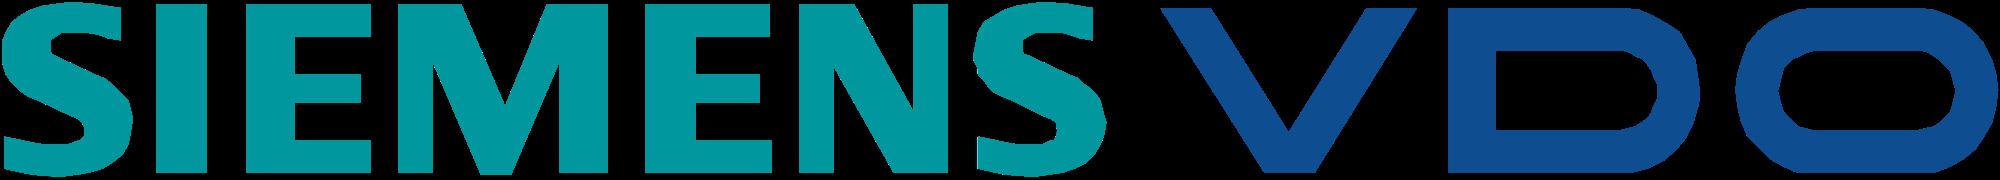 Siemens_VDO